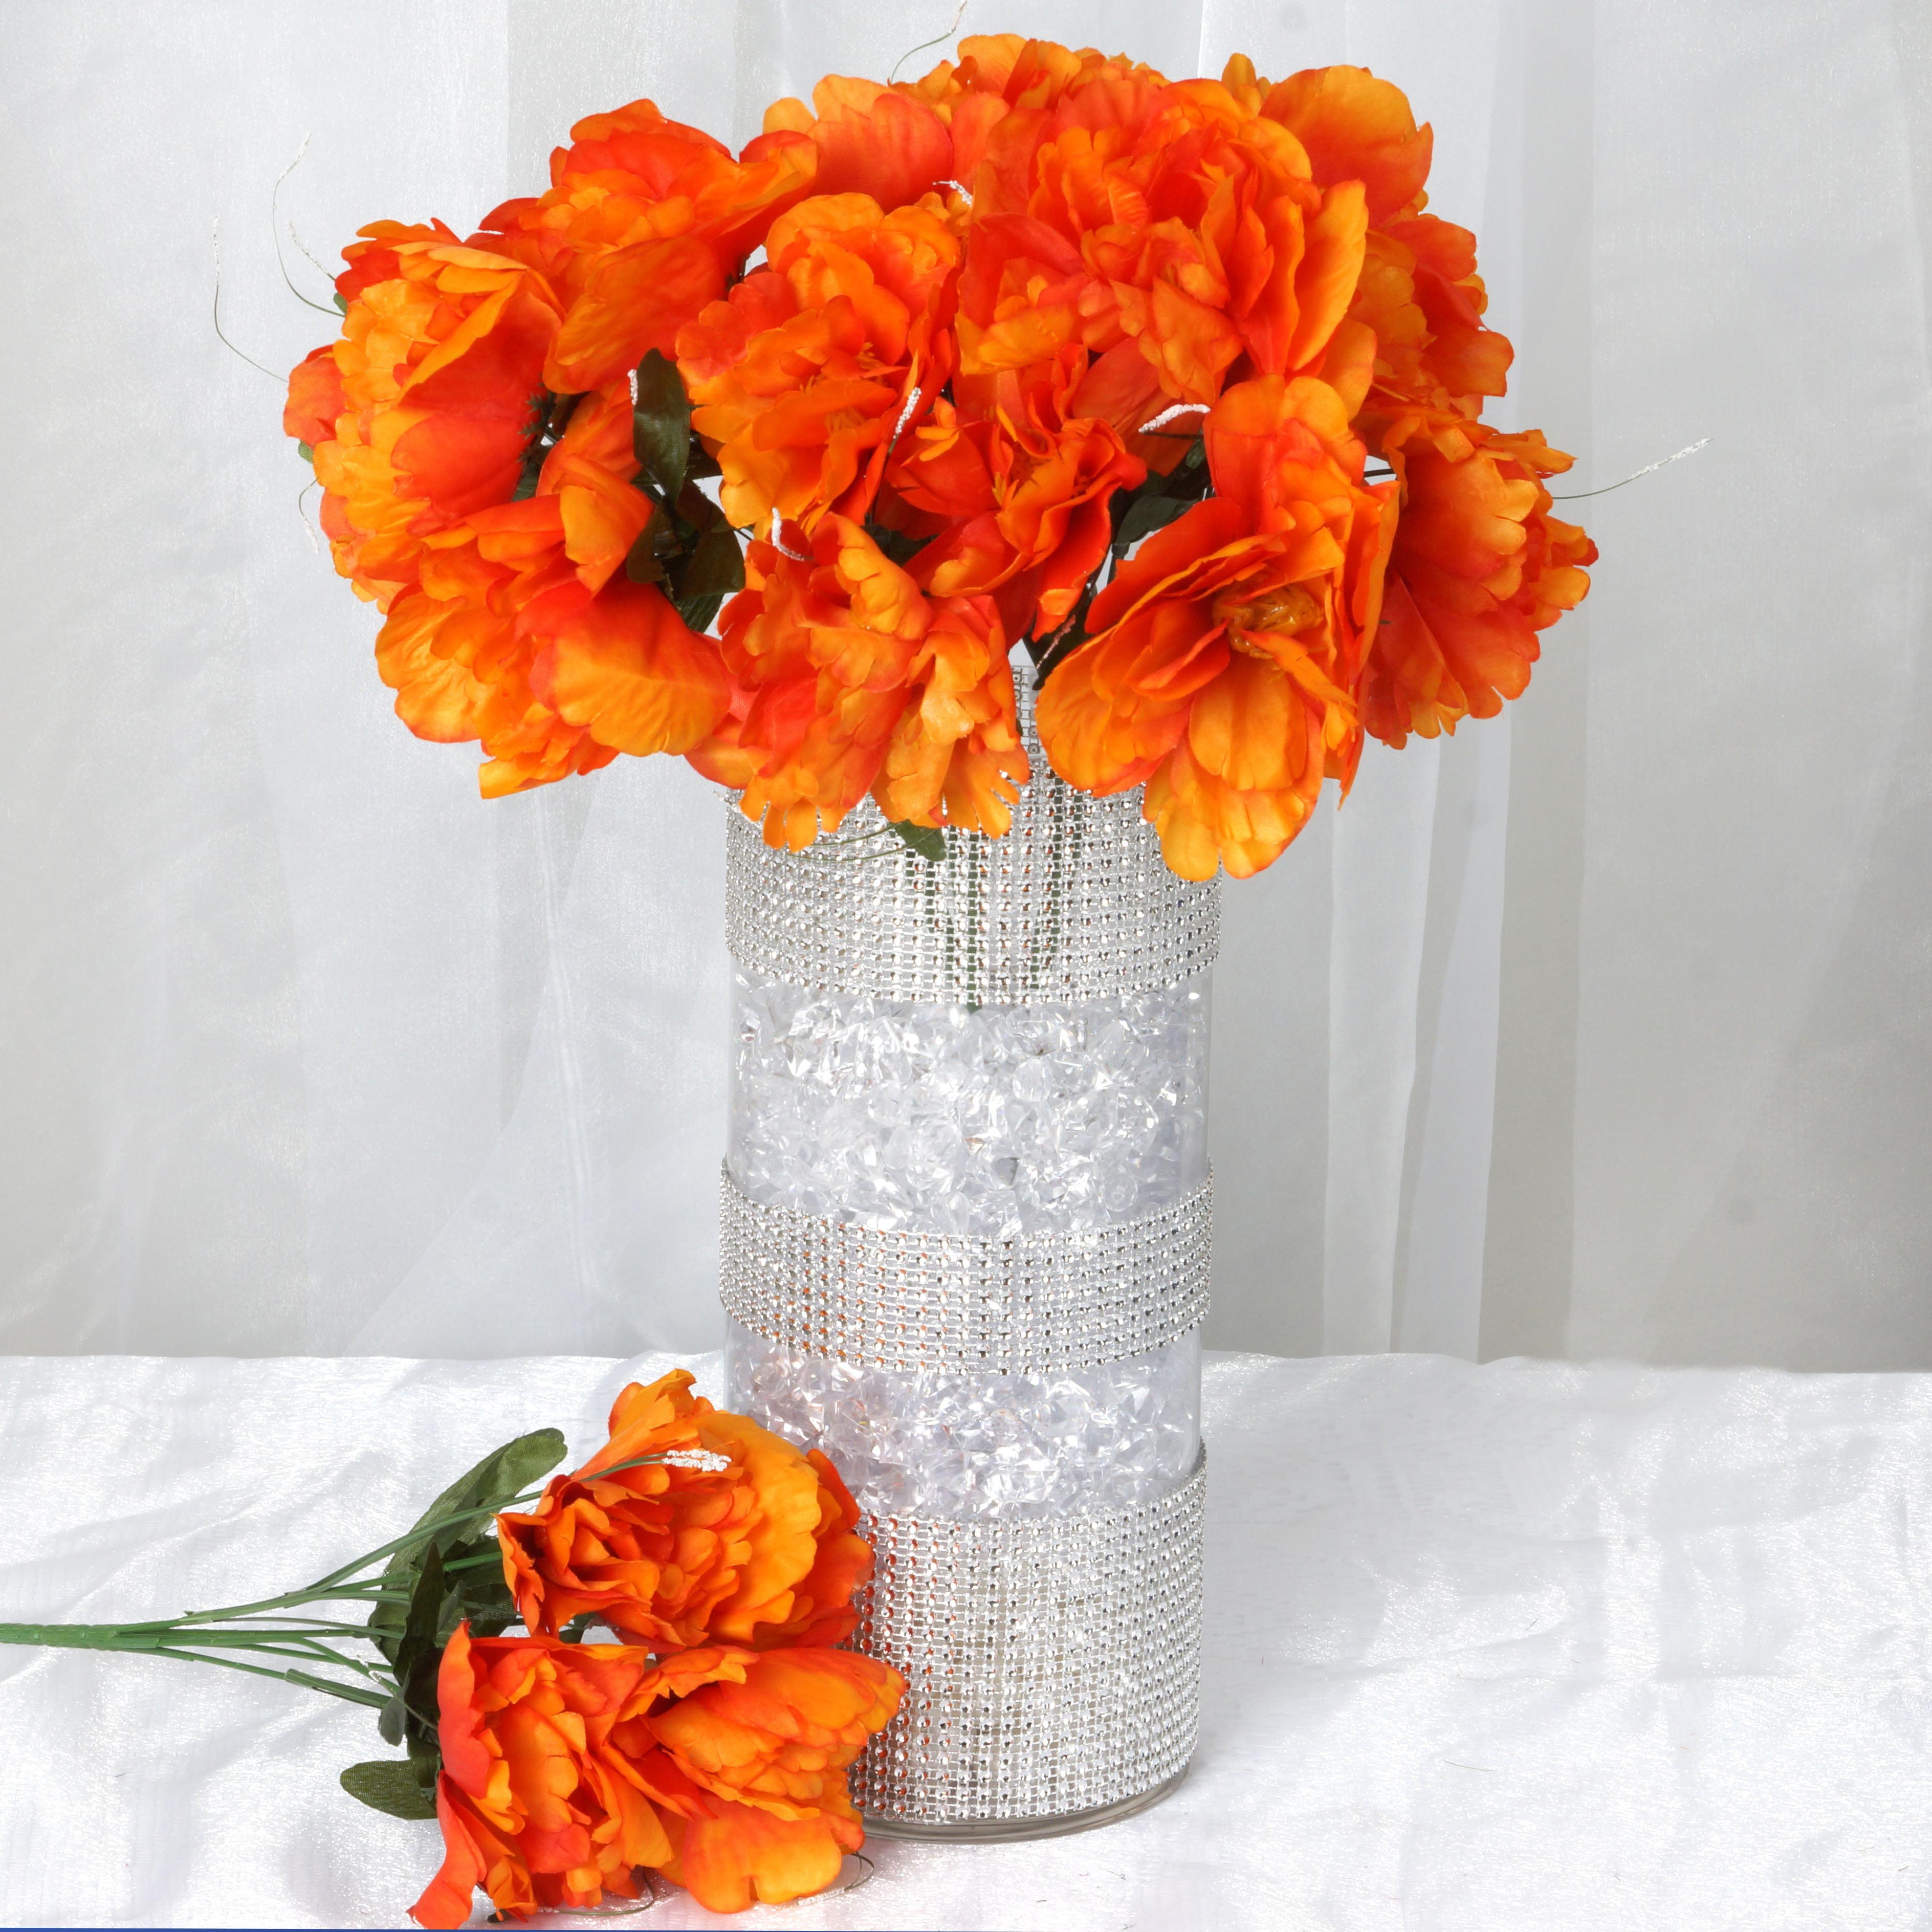 Efavormart 60 pcs Artificial PEONY Flowers for DIY Wedding Bouquets Centerpieces Arrangements Party Home Decorations - 12 bushes